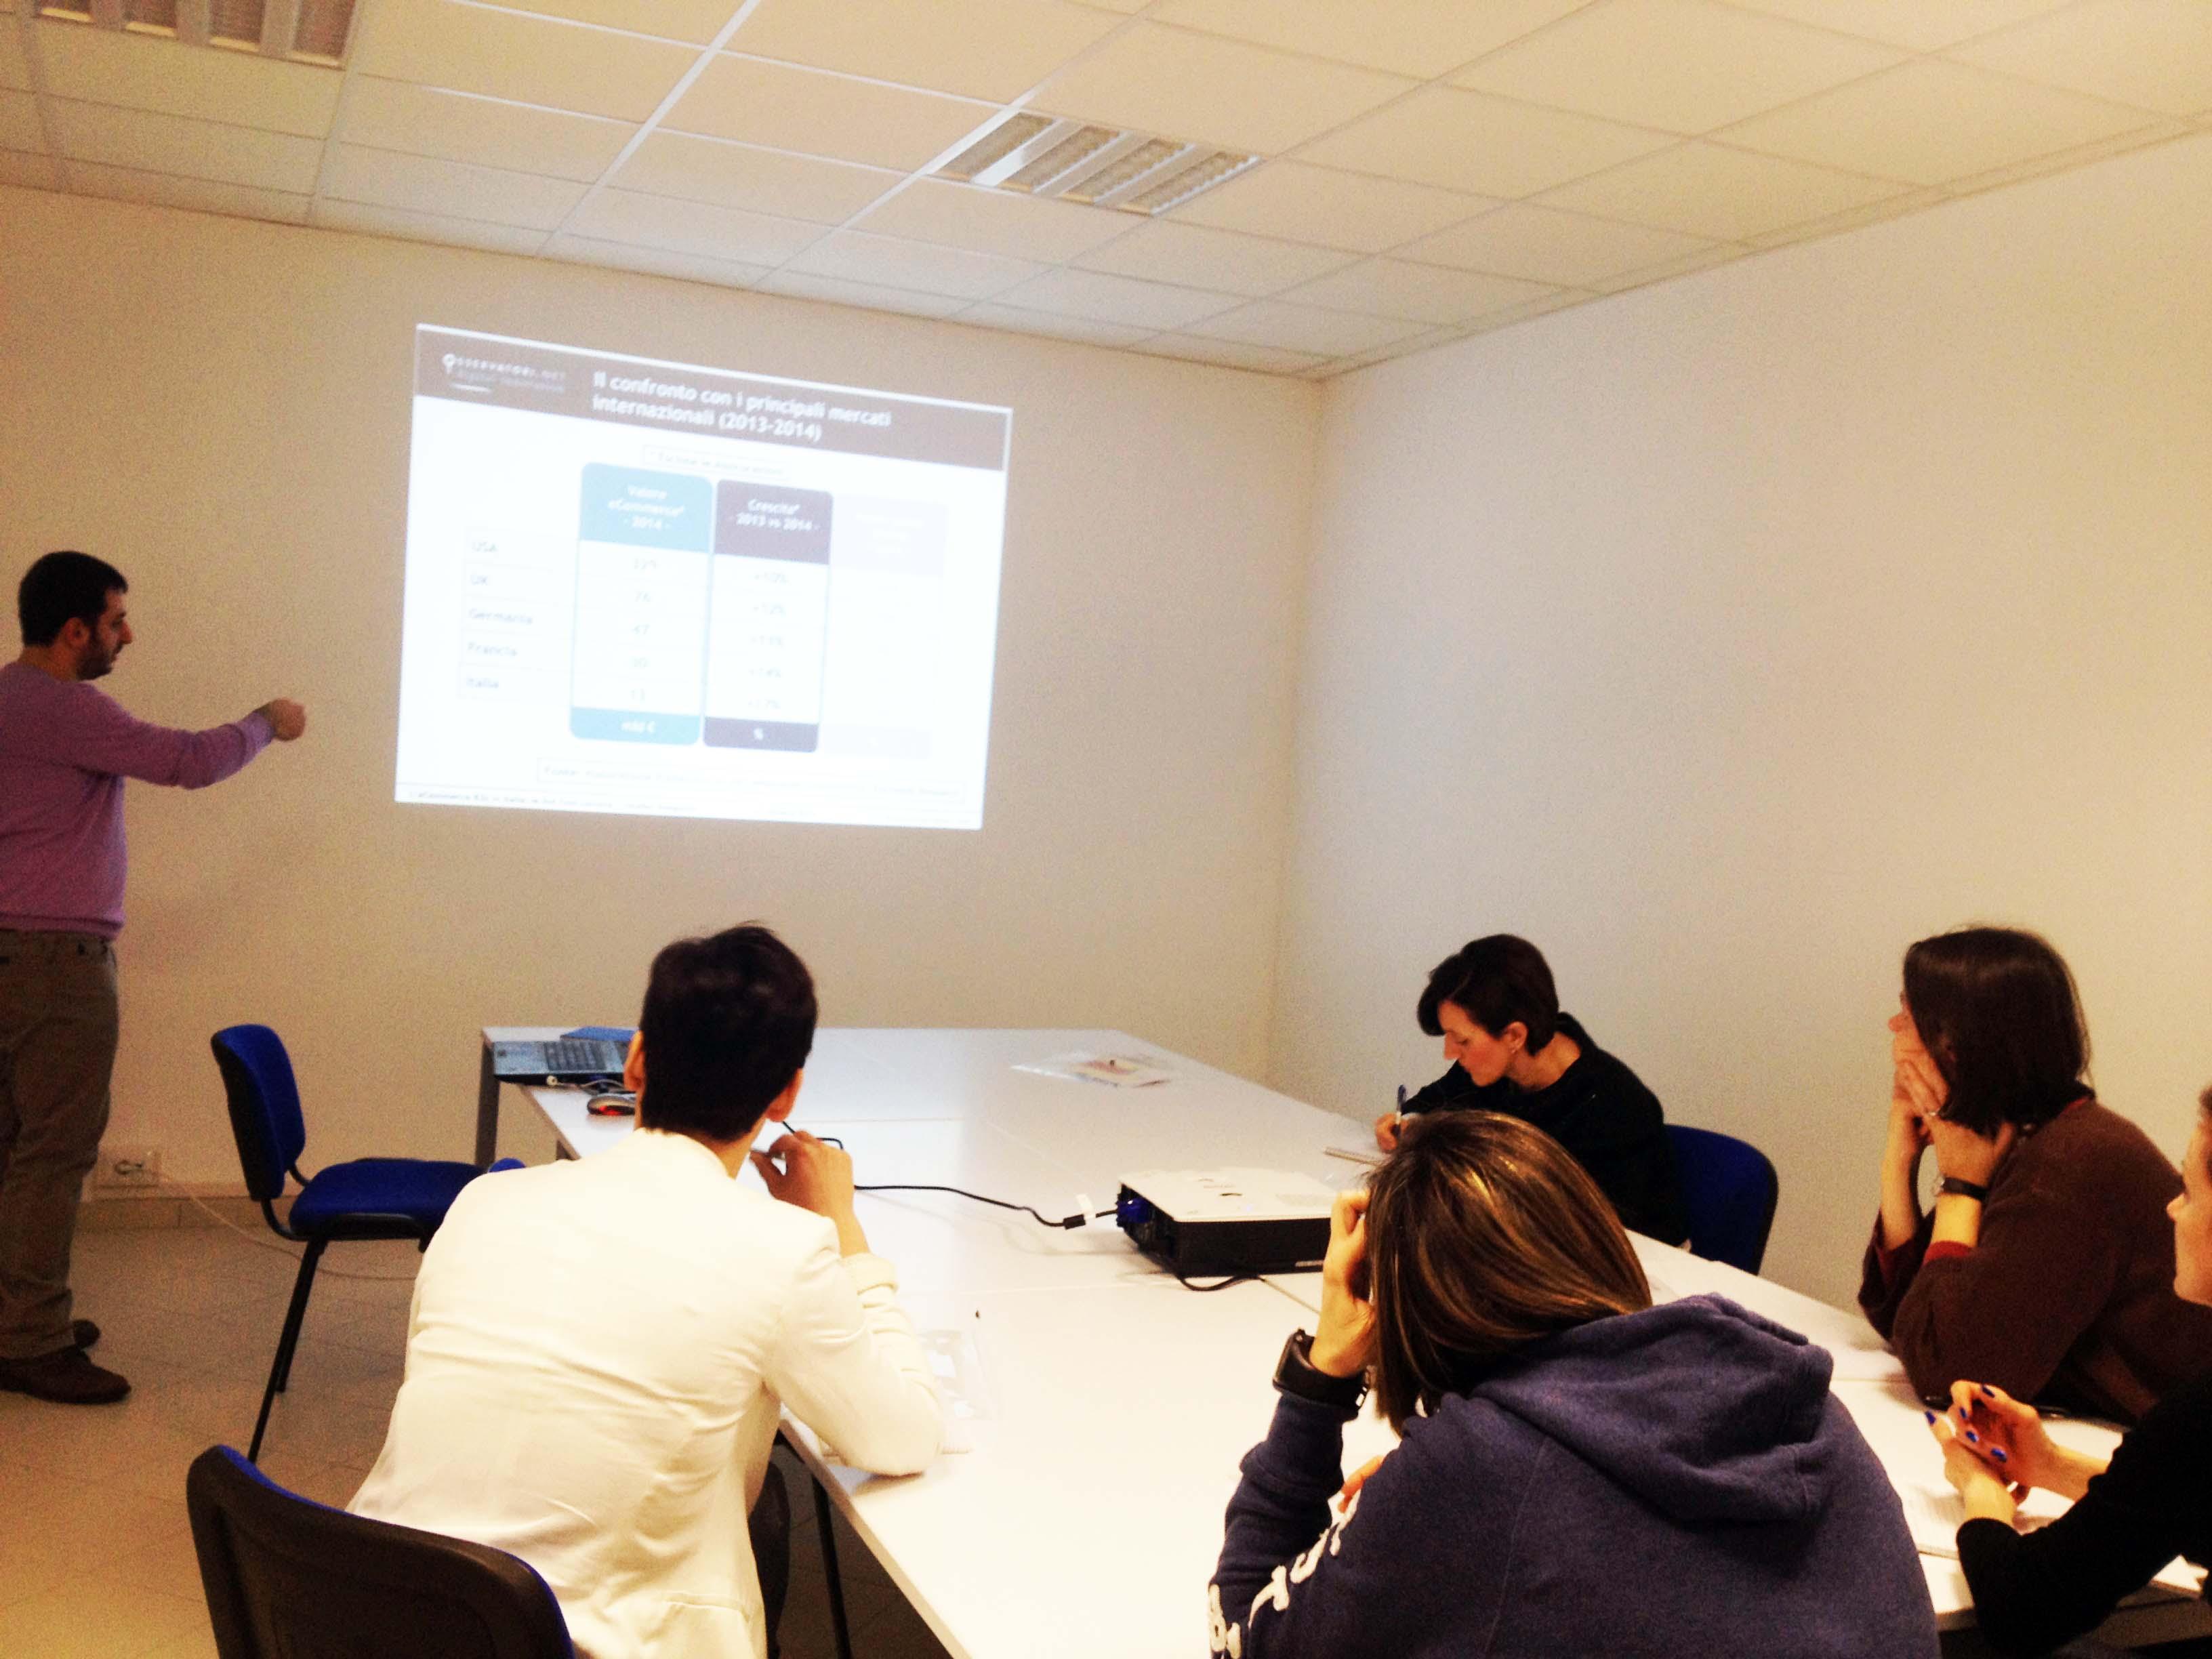 Email Marketing per E-commerce: nuovo corso di E-commerce Academy il 18 settembre 2015